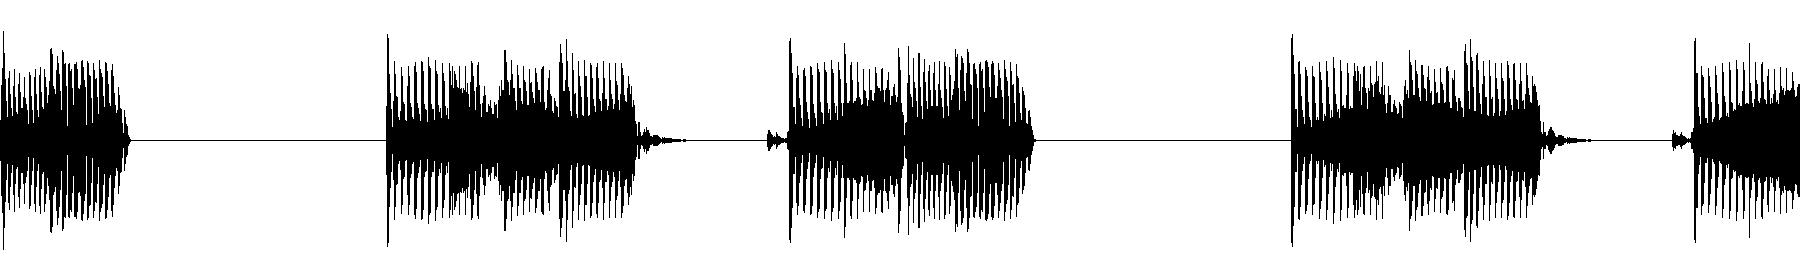 fb 90 a lp04